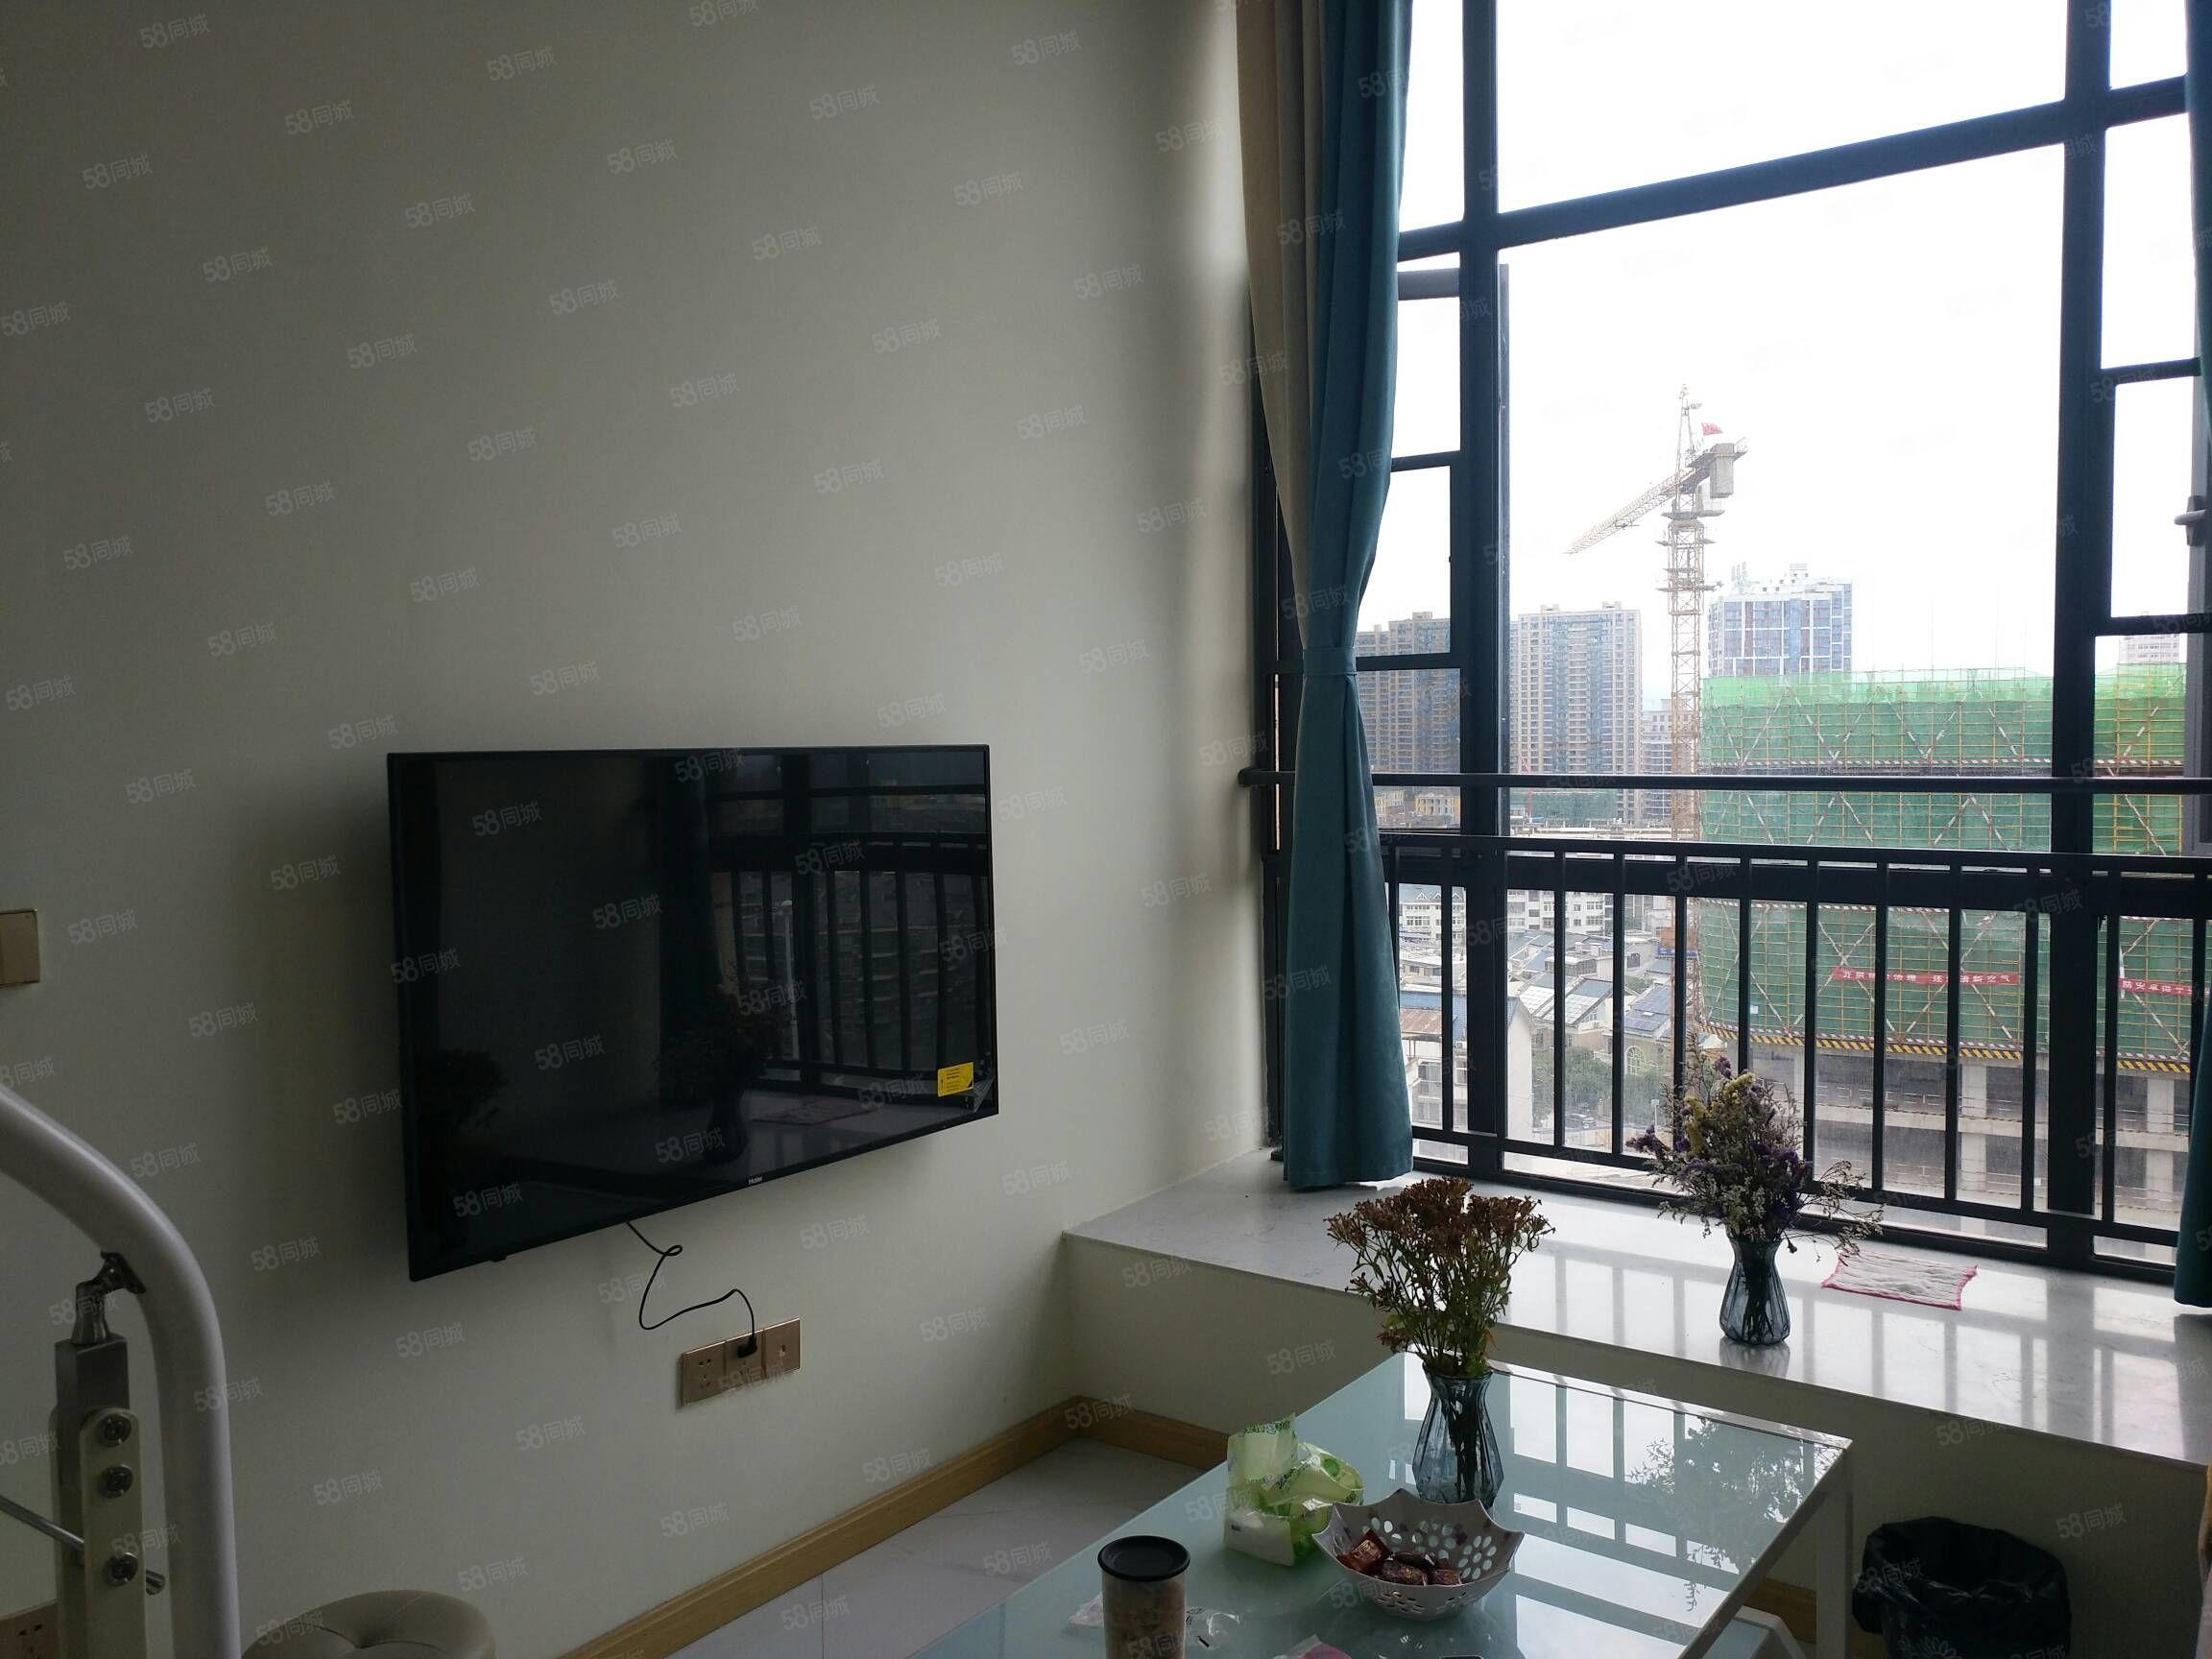 金三角四季花城電梯2房帶陽臺的可做飯高檔裝修半年了